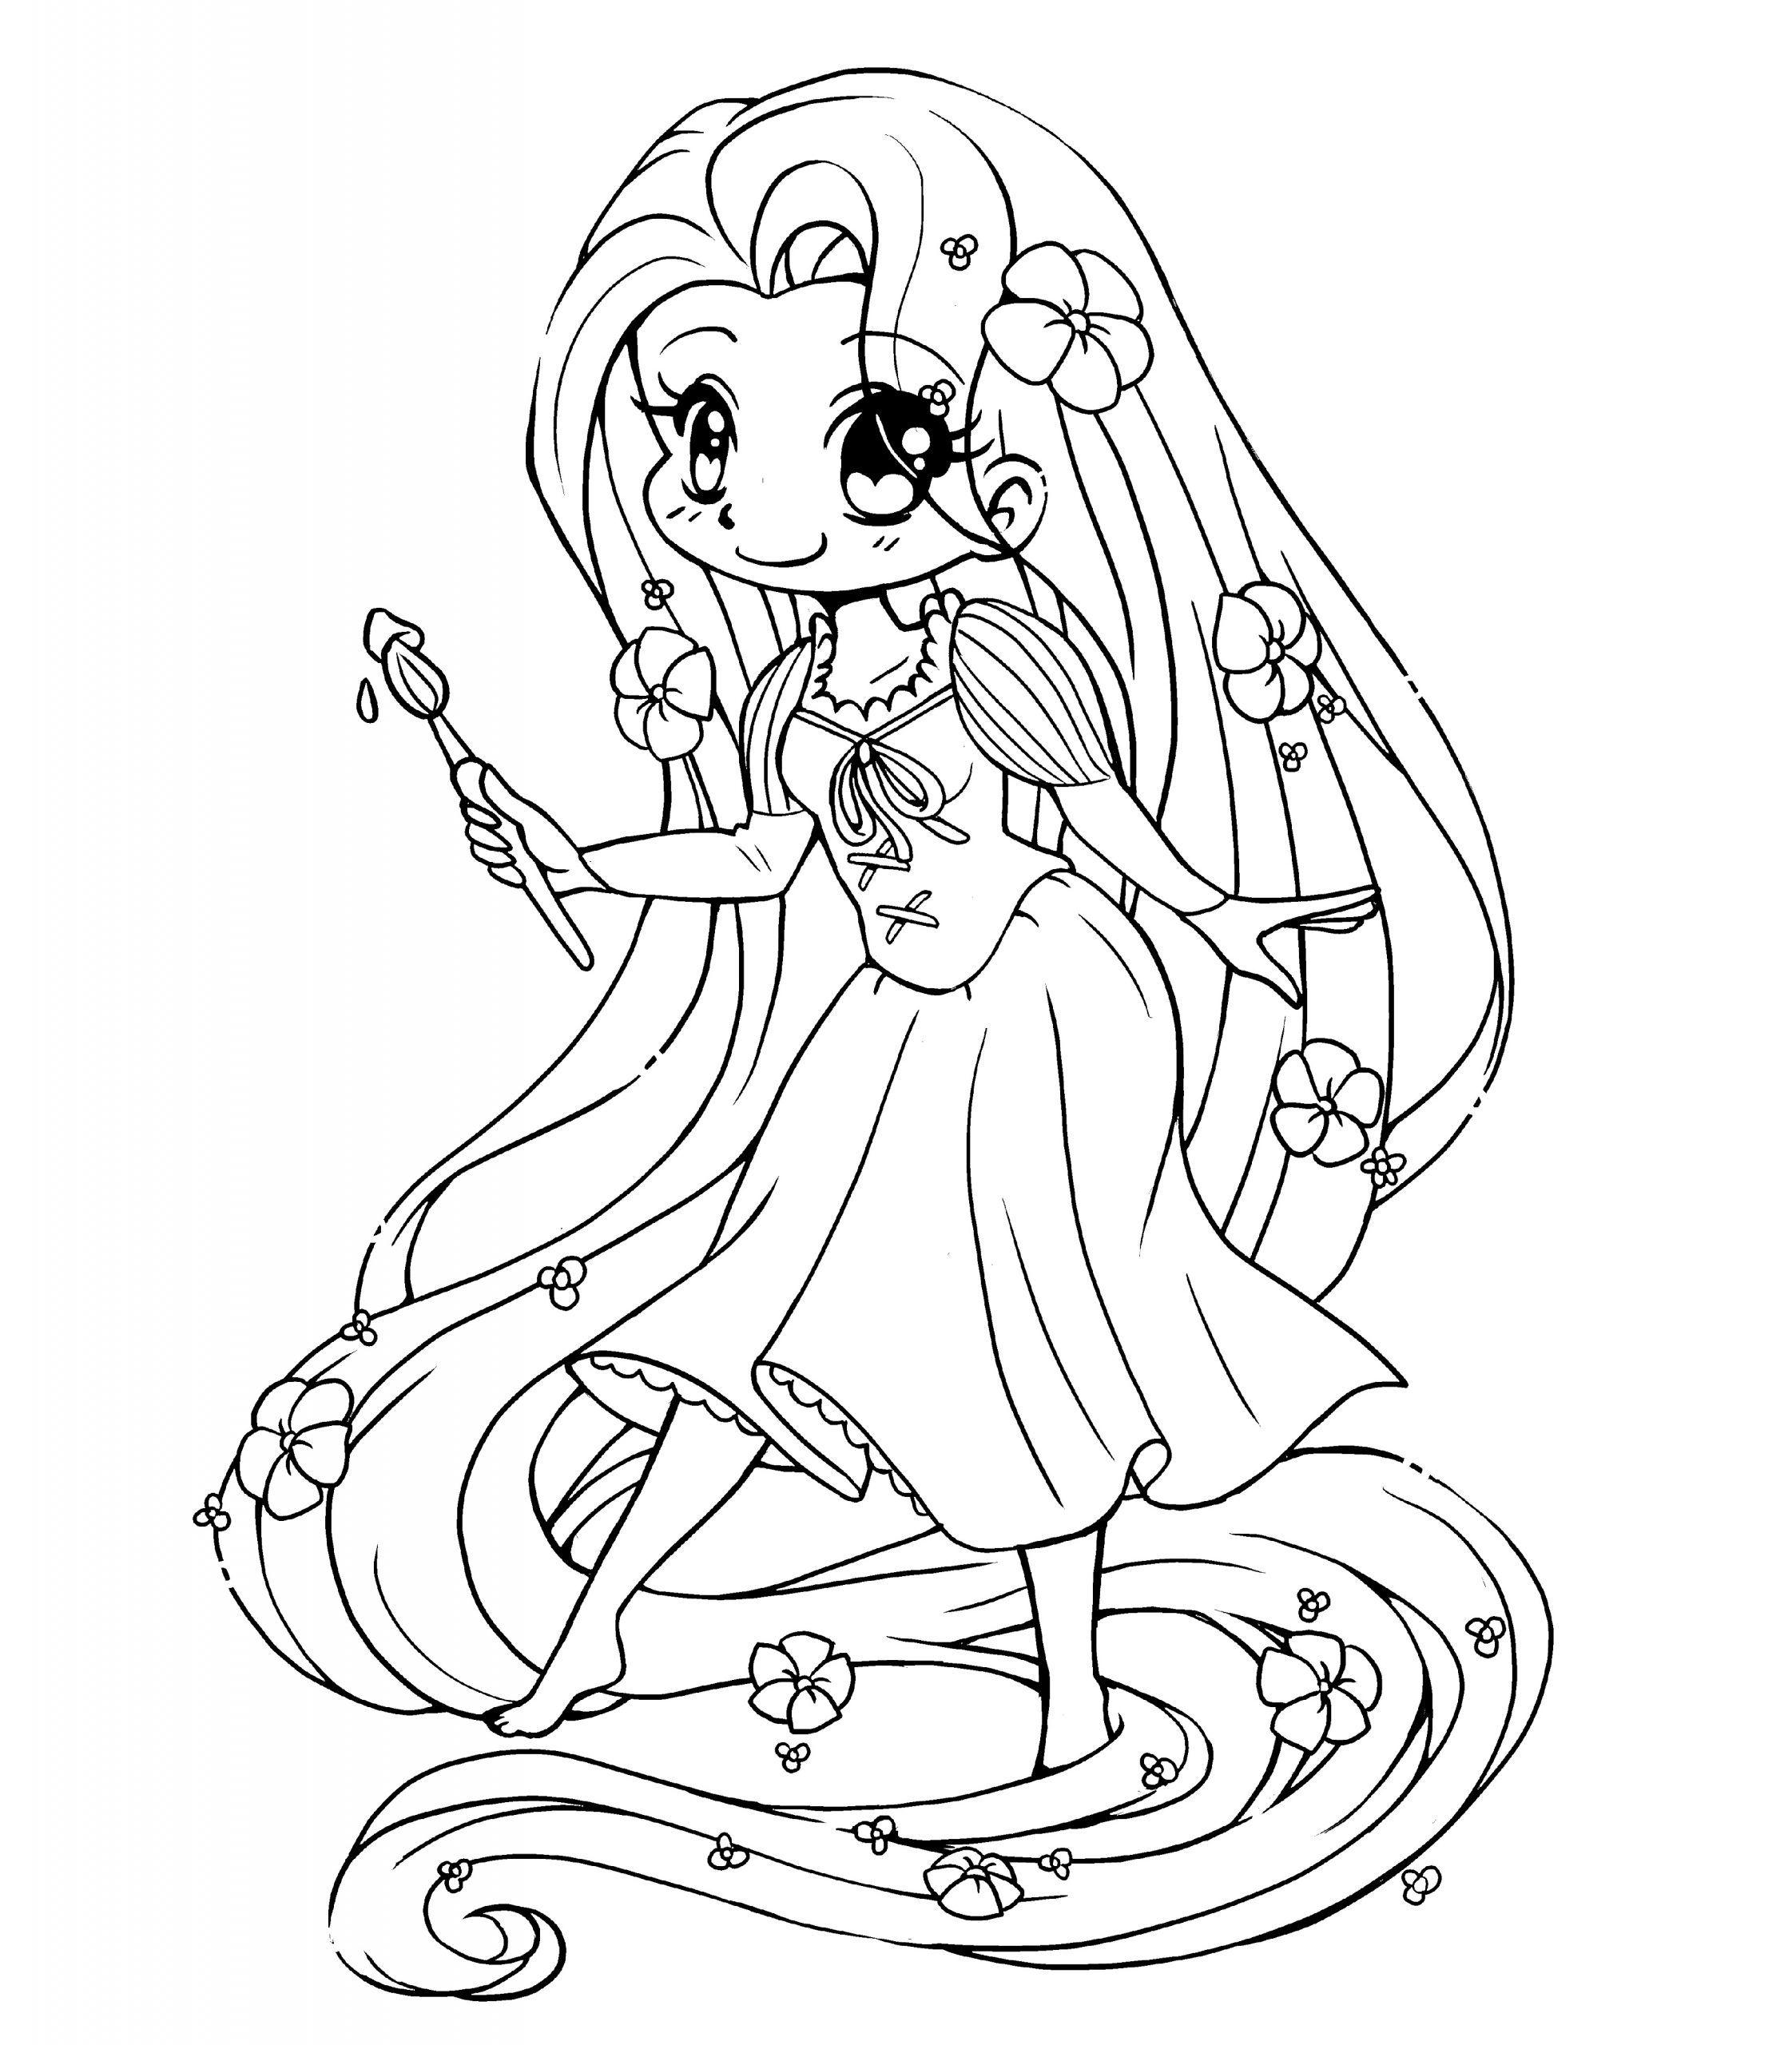 Tranh tô màu công chúa tóc mây chibi